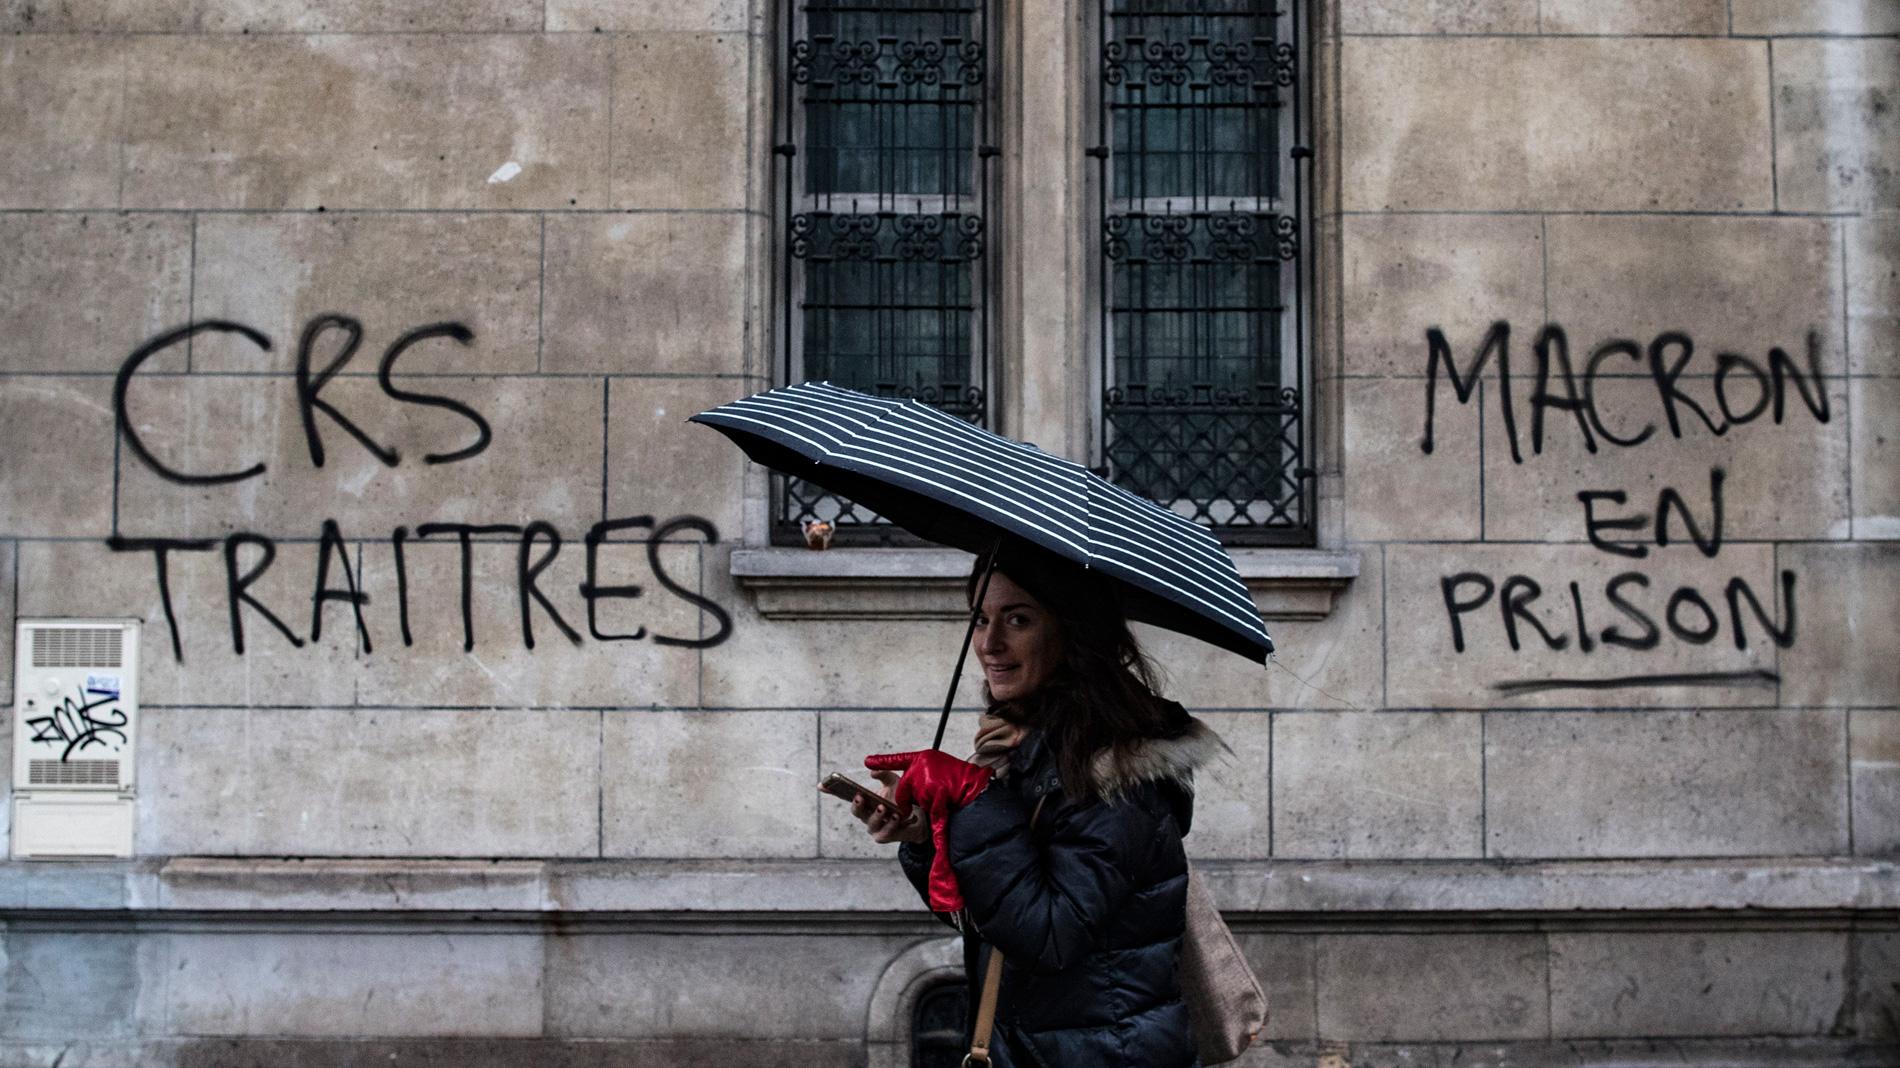 Macron se reunirá con la patronal y sindicatos este lunes